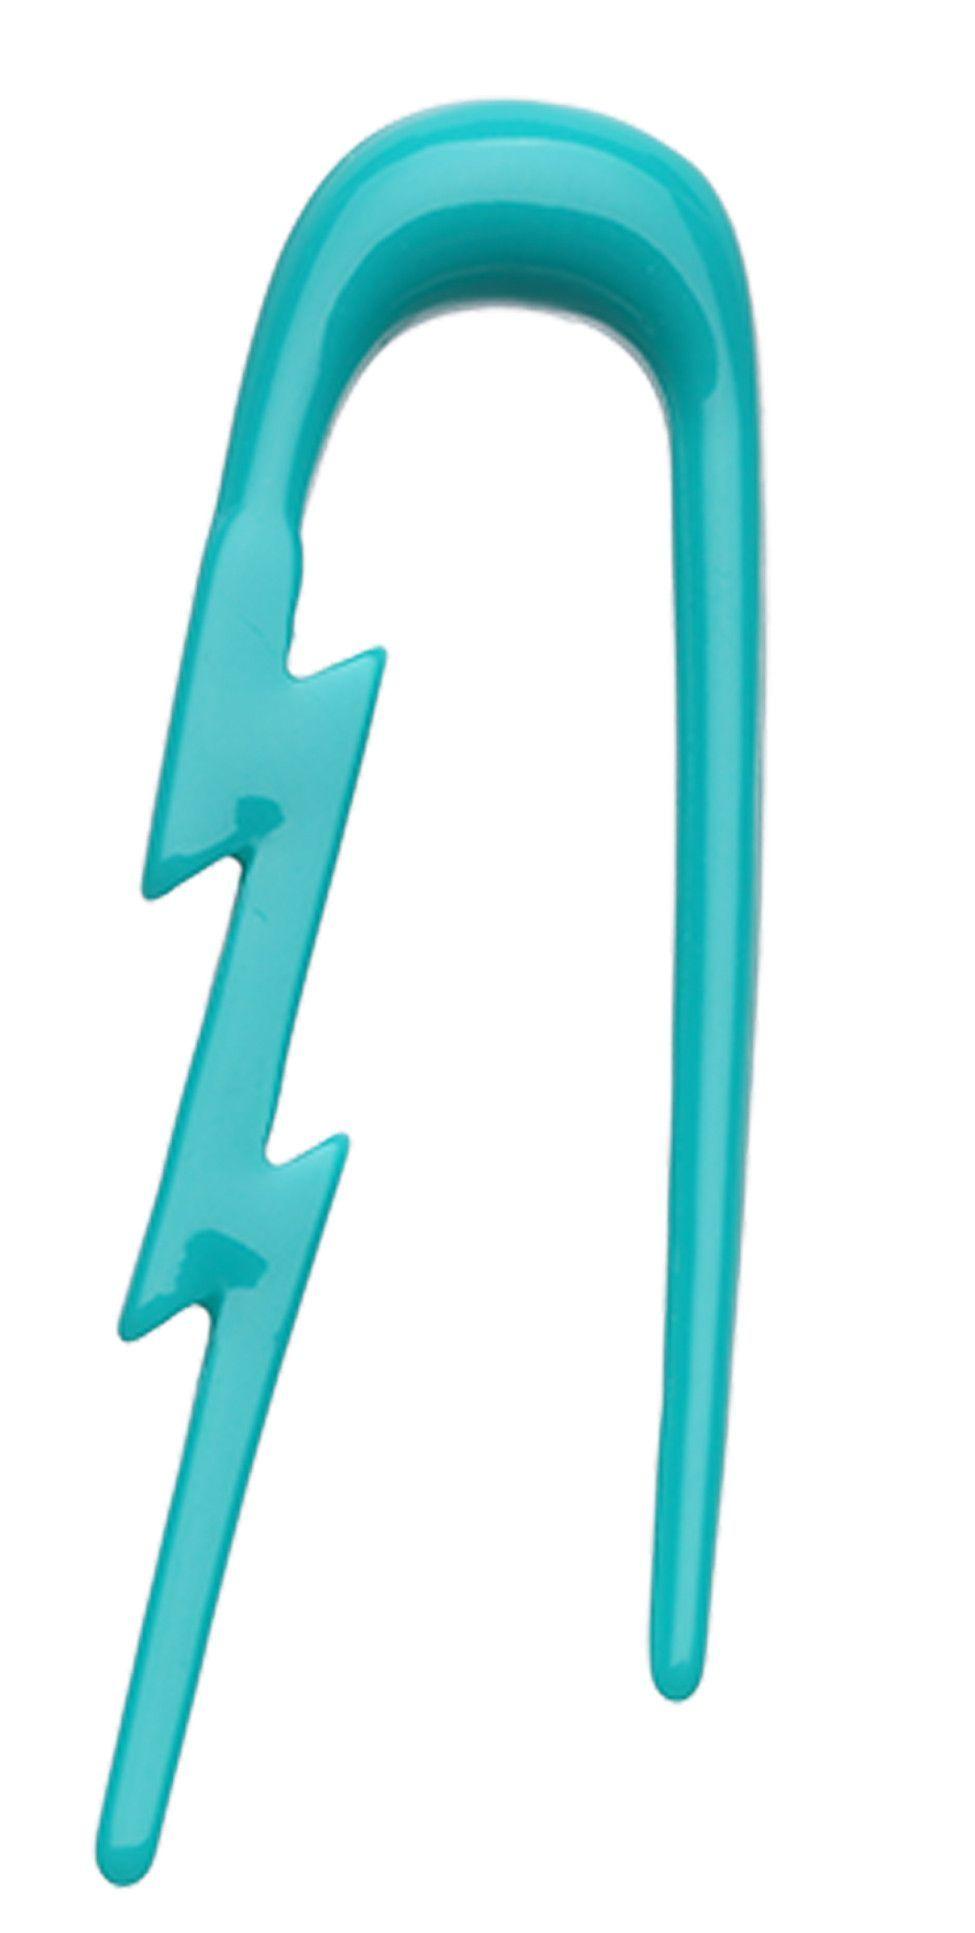 Black Lightning Bolt Hooks (14 gauge - 0 gauge) | Body ...  |Lightning Bolt Gauges